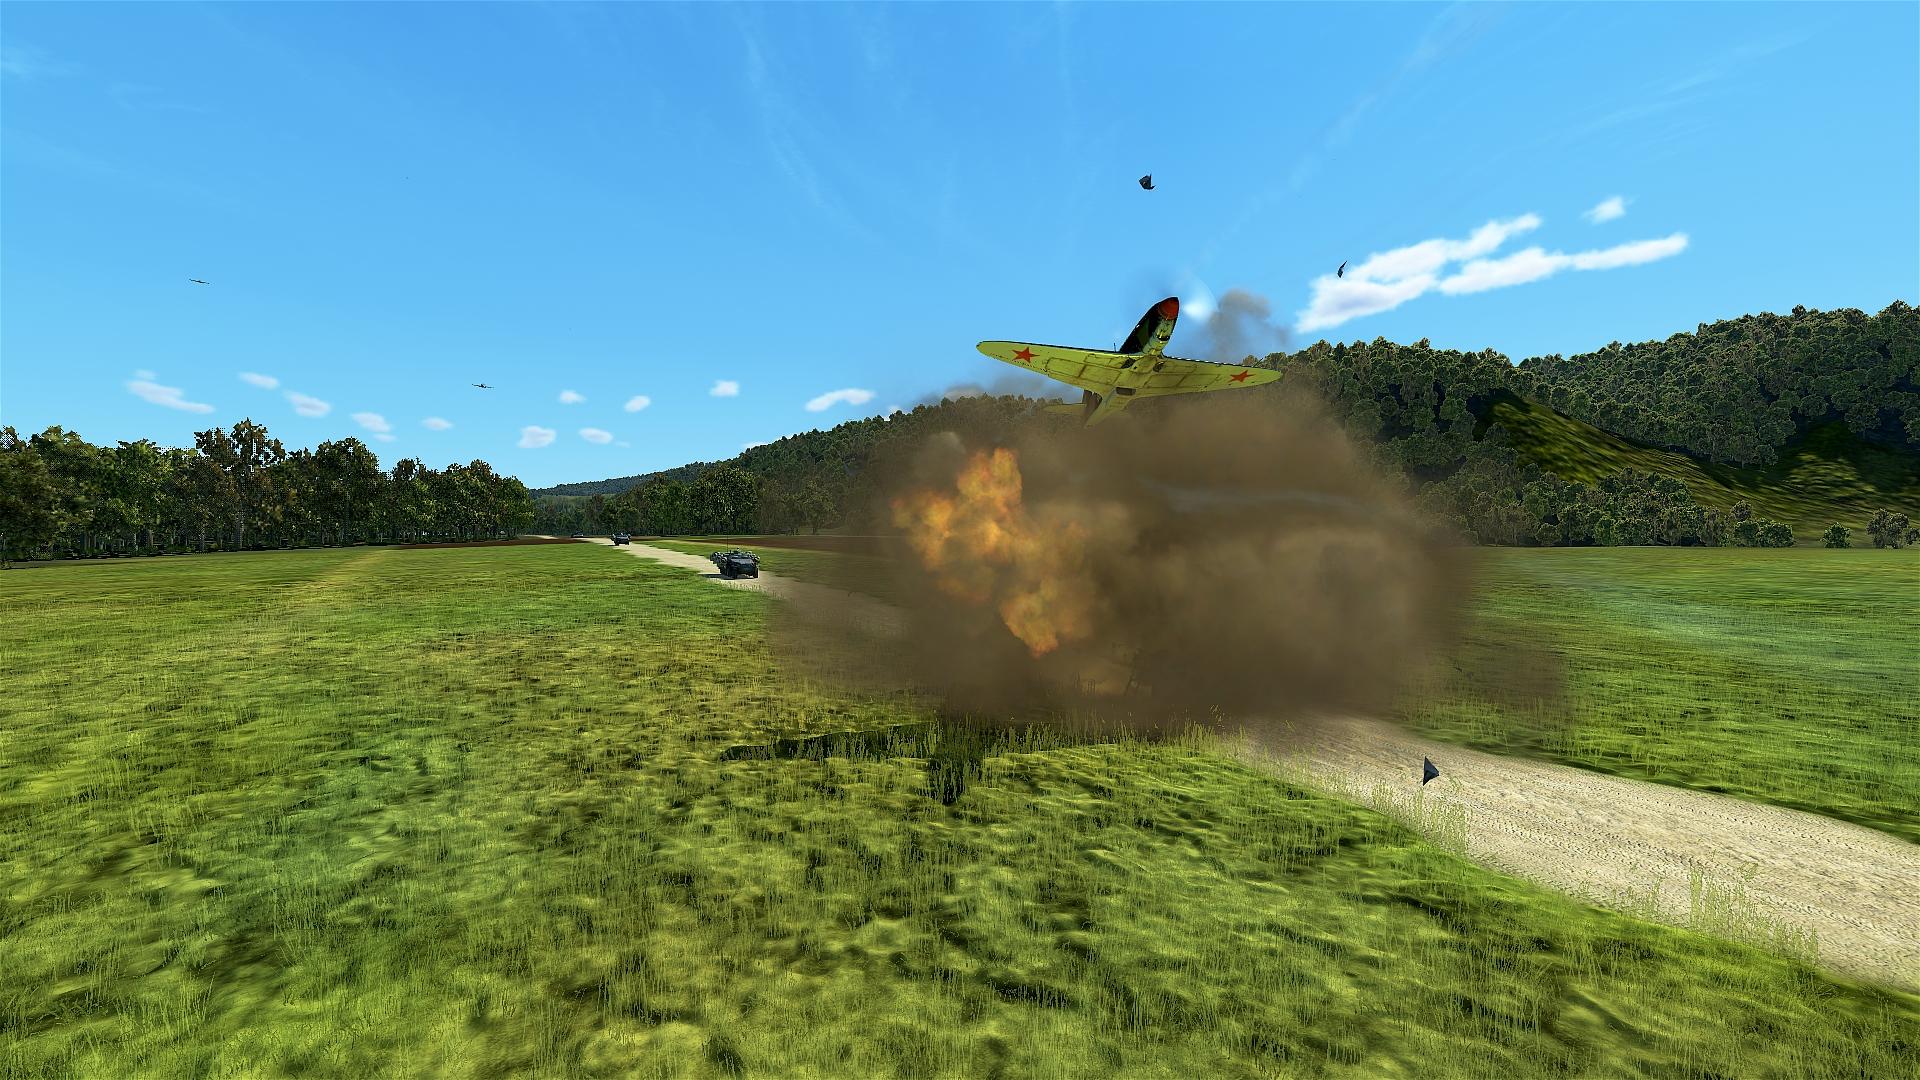 Un ptit CR en image de  la sortie de vendredi sur les Fnbf avec les NN en bomber ! 27731648658_02ded0c0a2_o